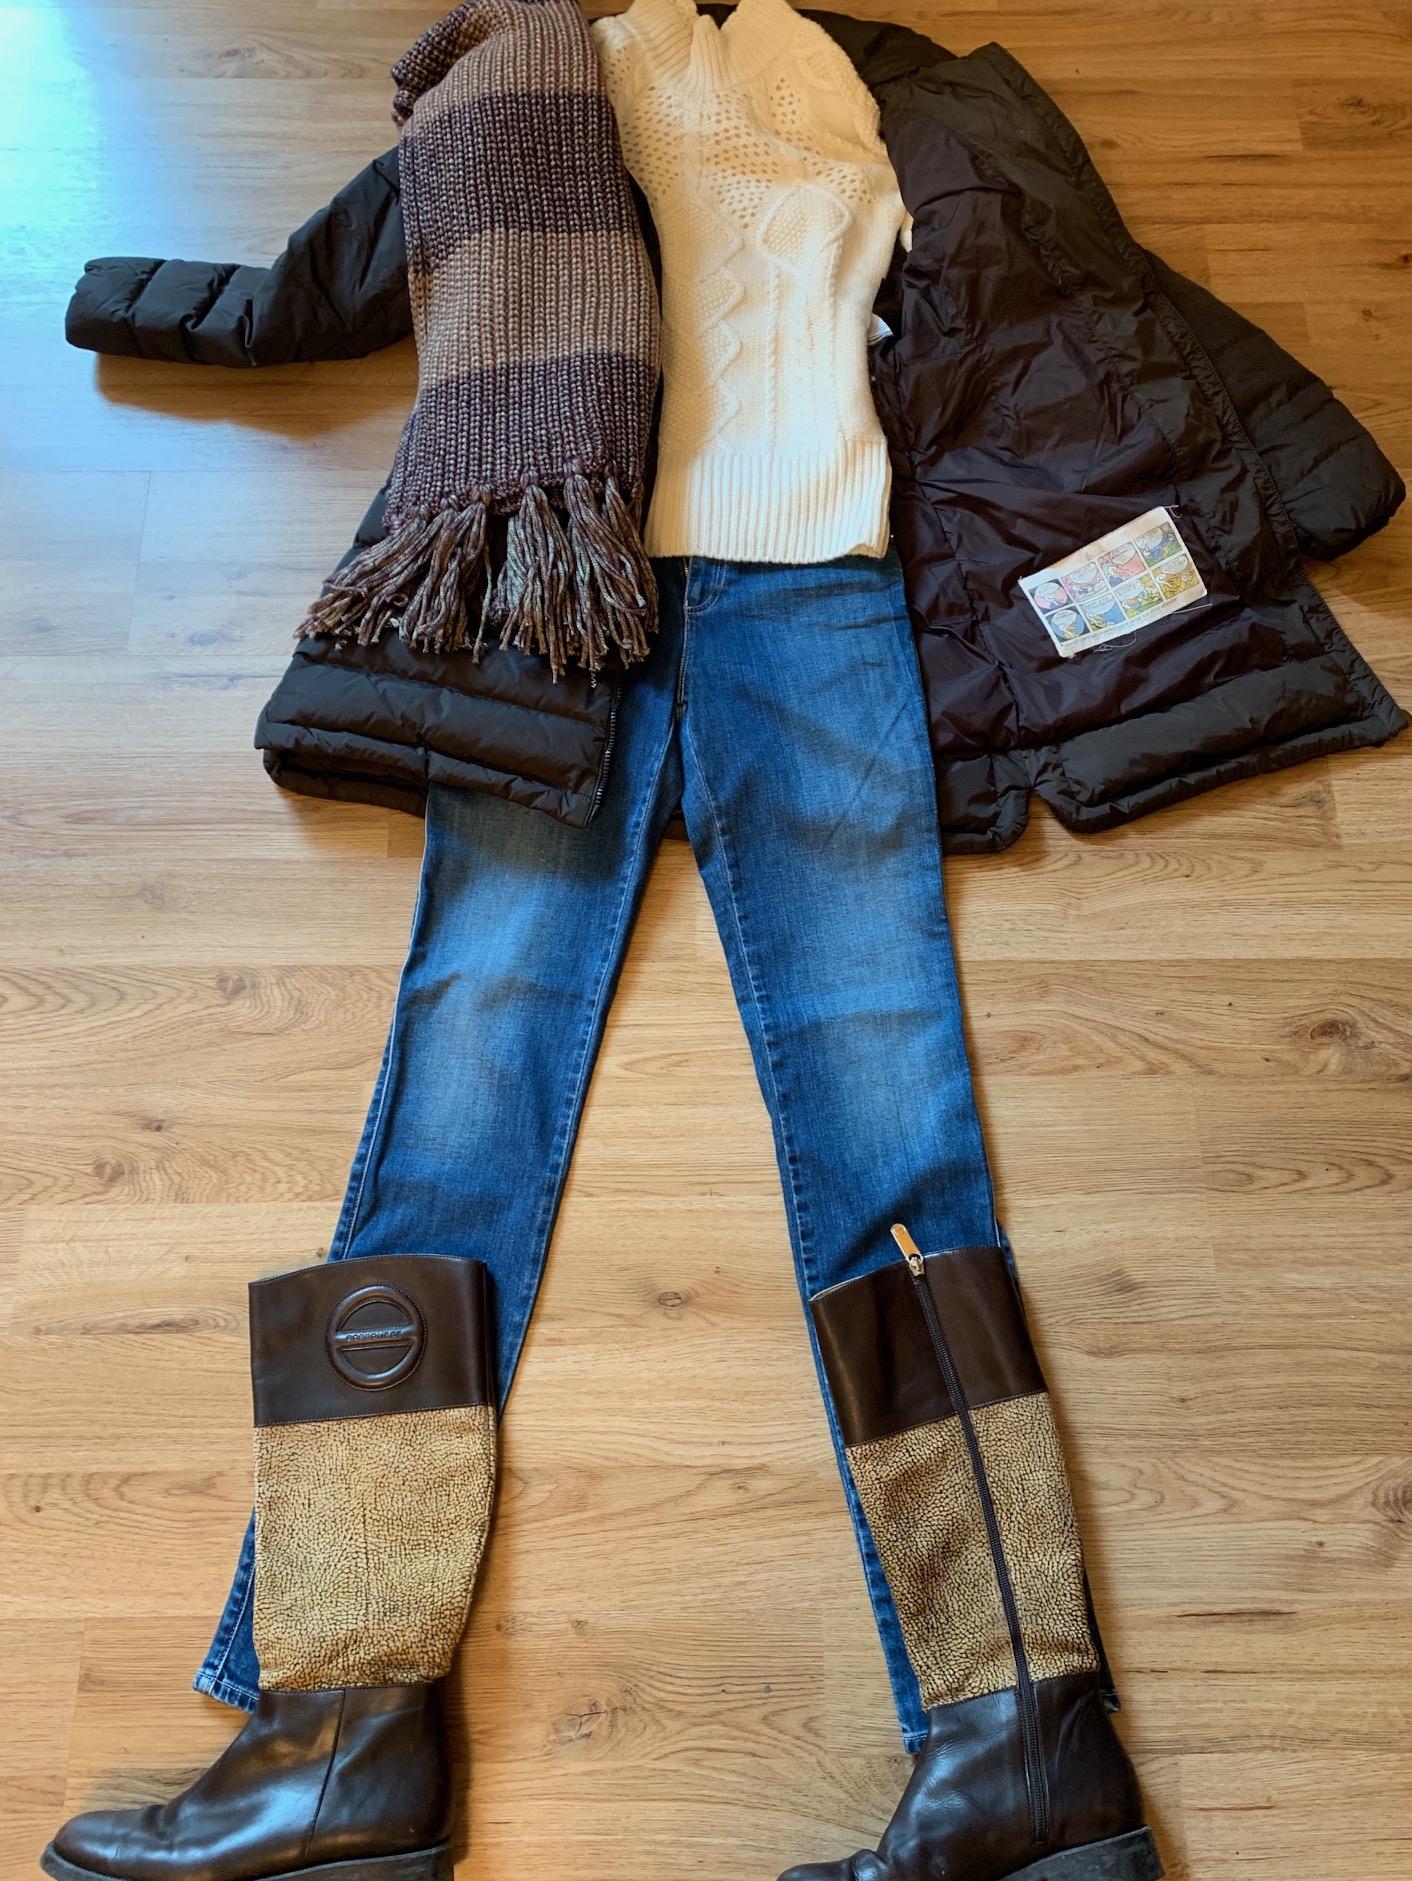 ミラノの冬の服装